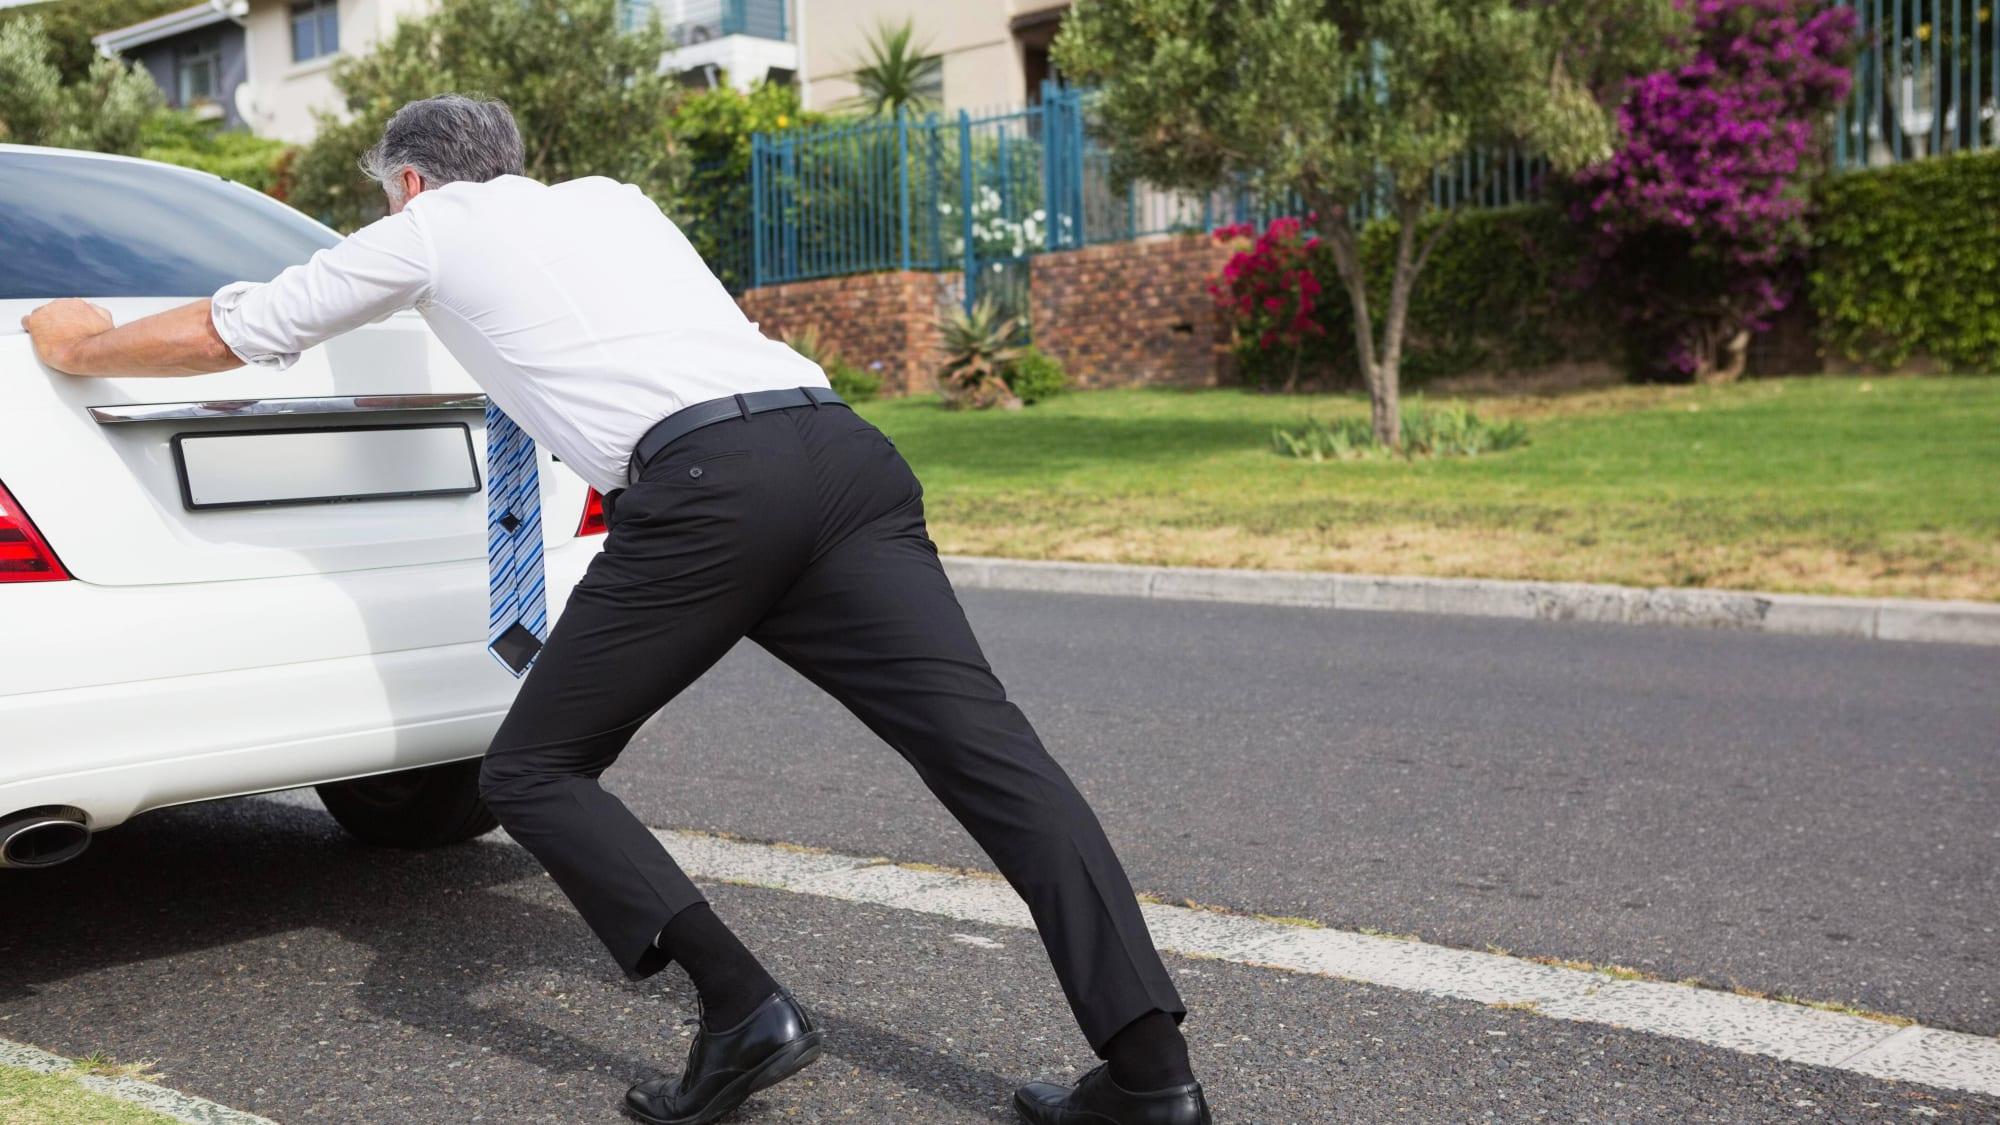 Mann schiebt ein Auto auf der Strasse an